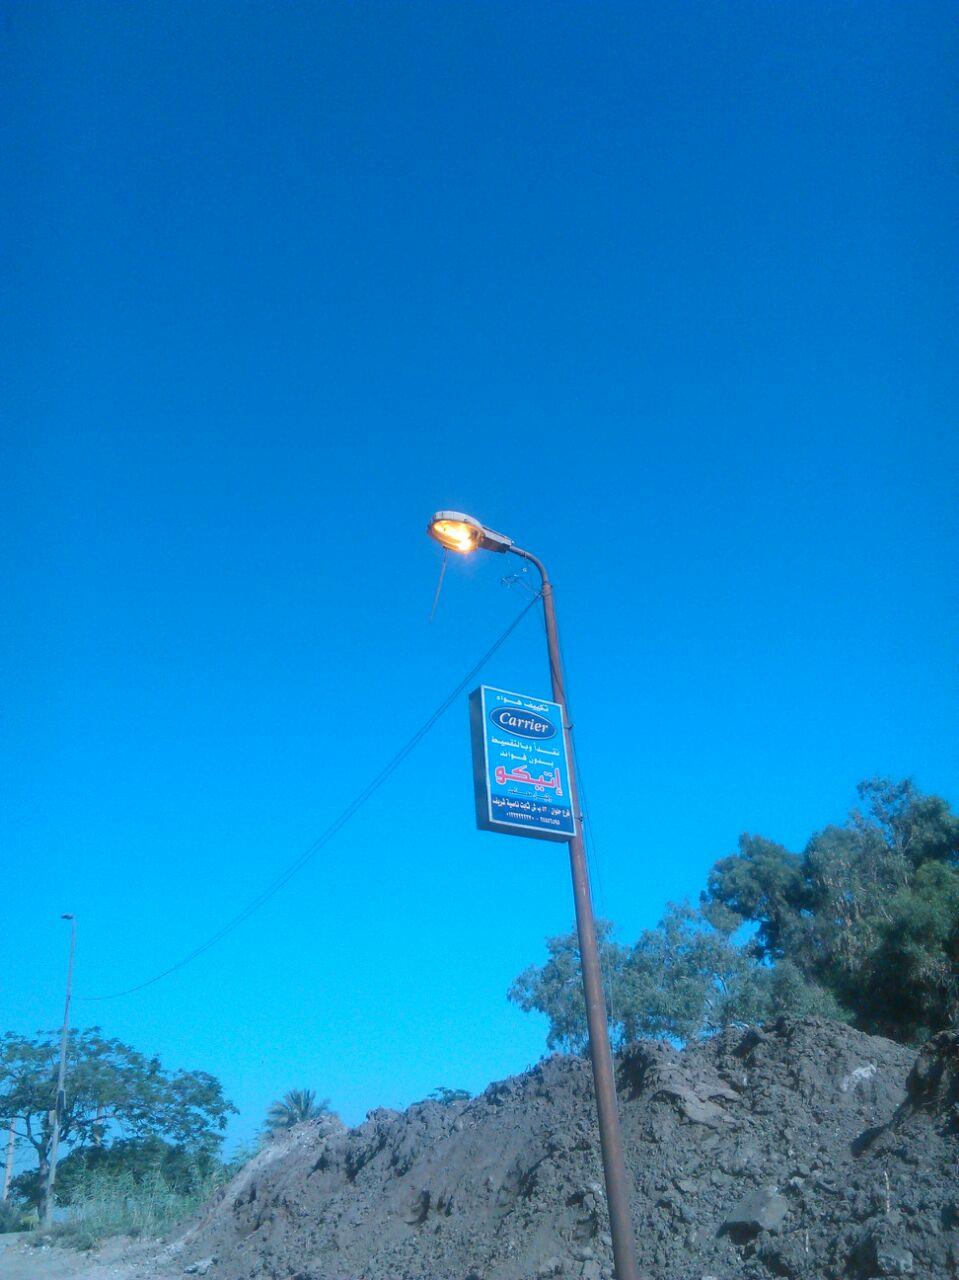 قالك «طفى النور» وأعمدة إنارة شوارع بحلوان مضاء في وقت النهار